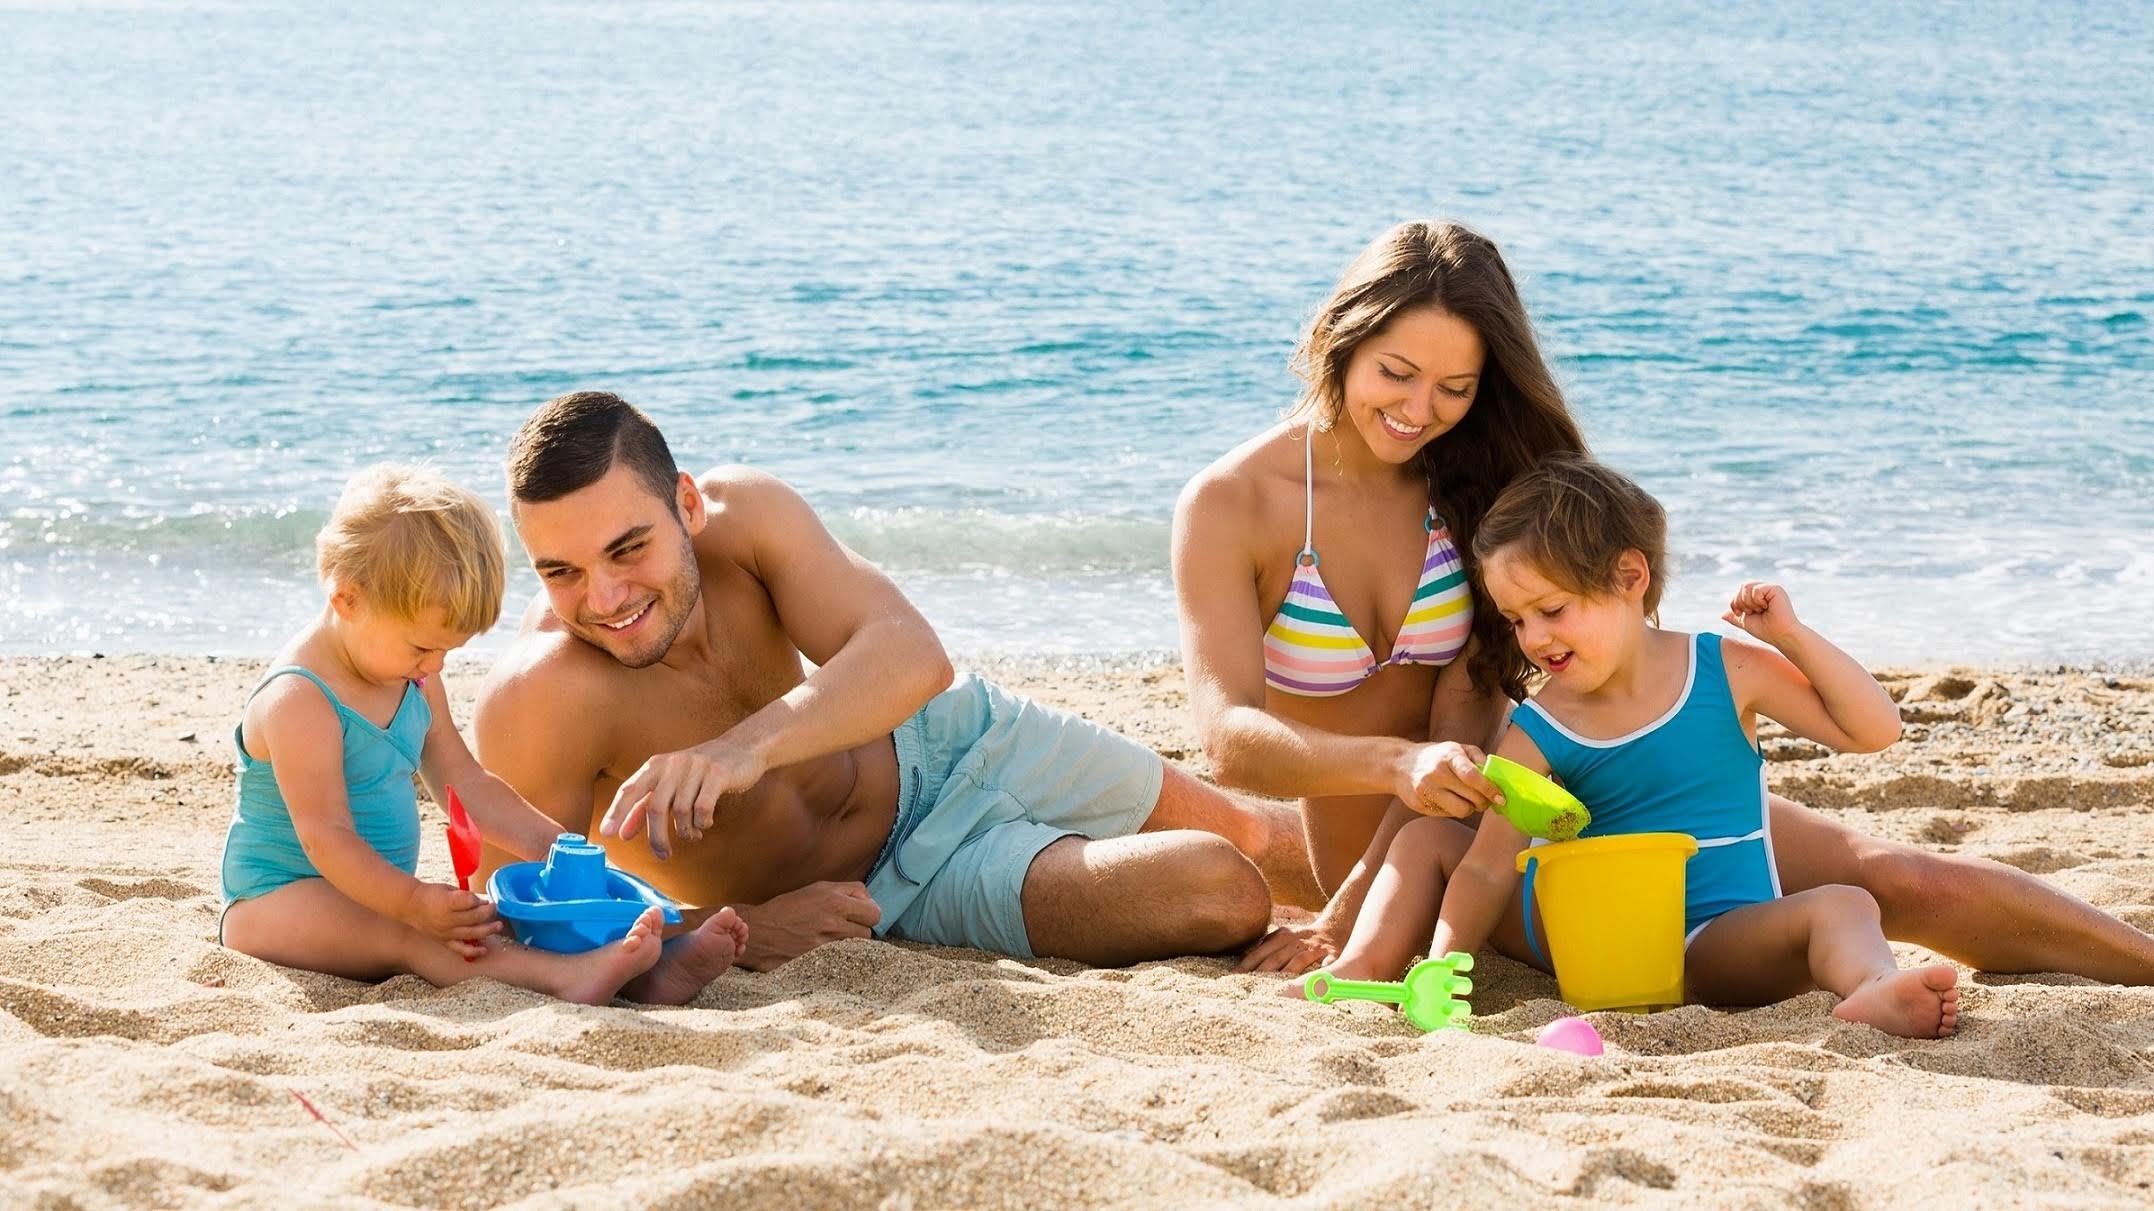 ¿Cómo recuperar la piel después de exponerla al sol?